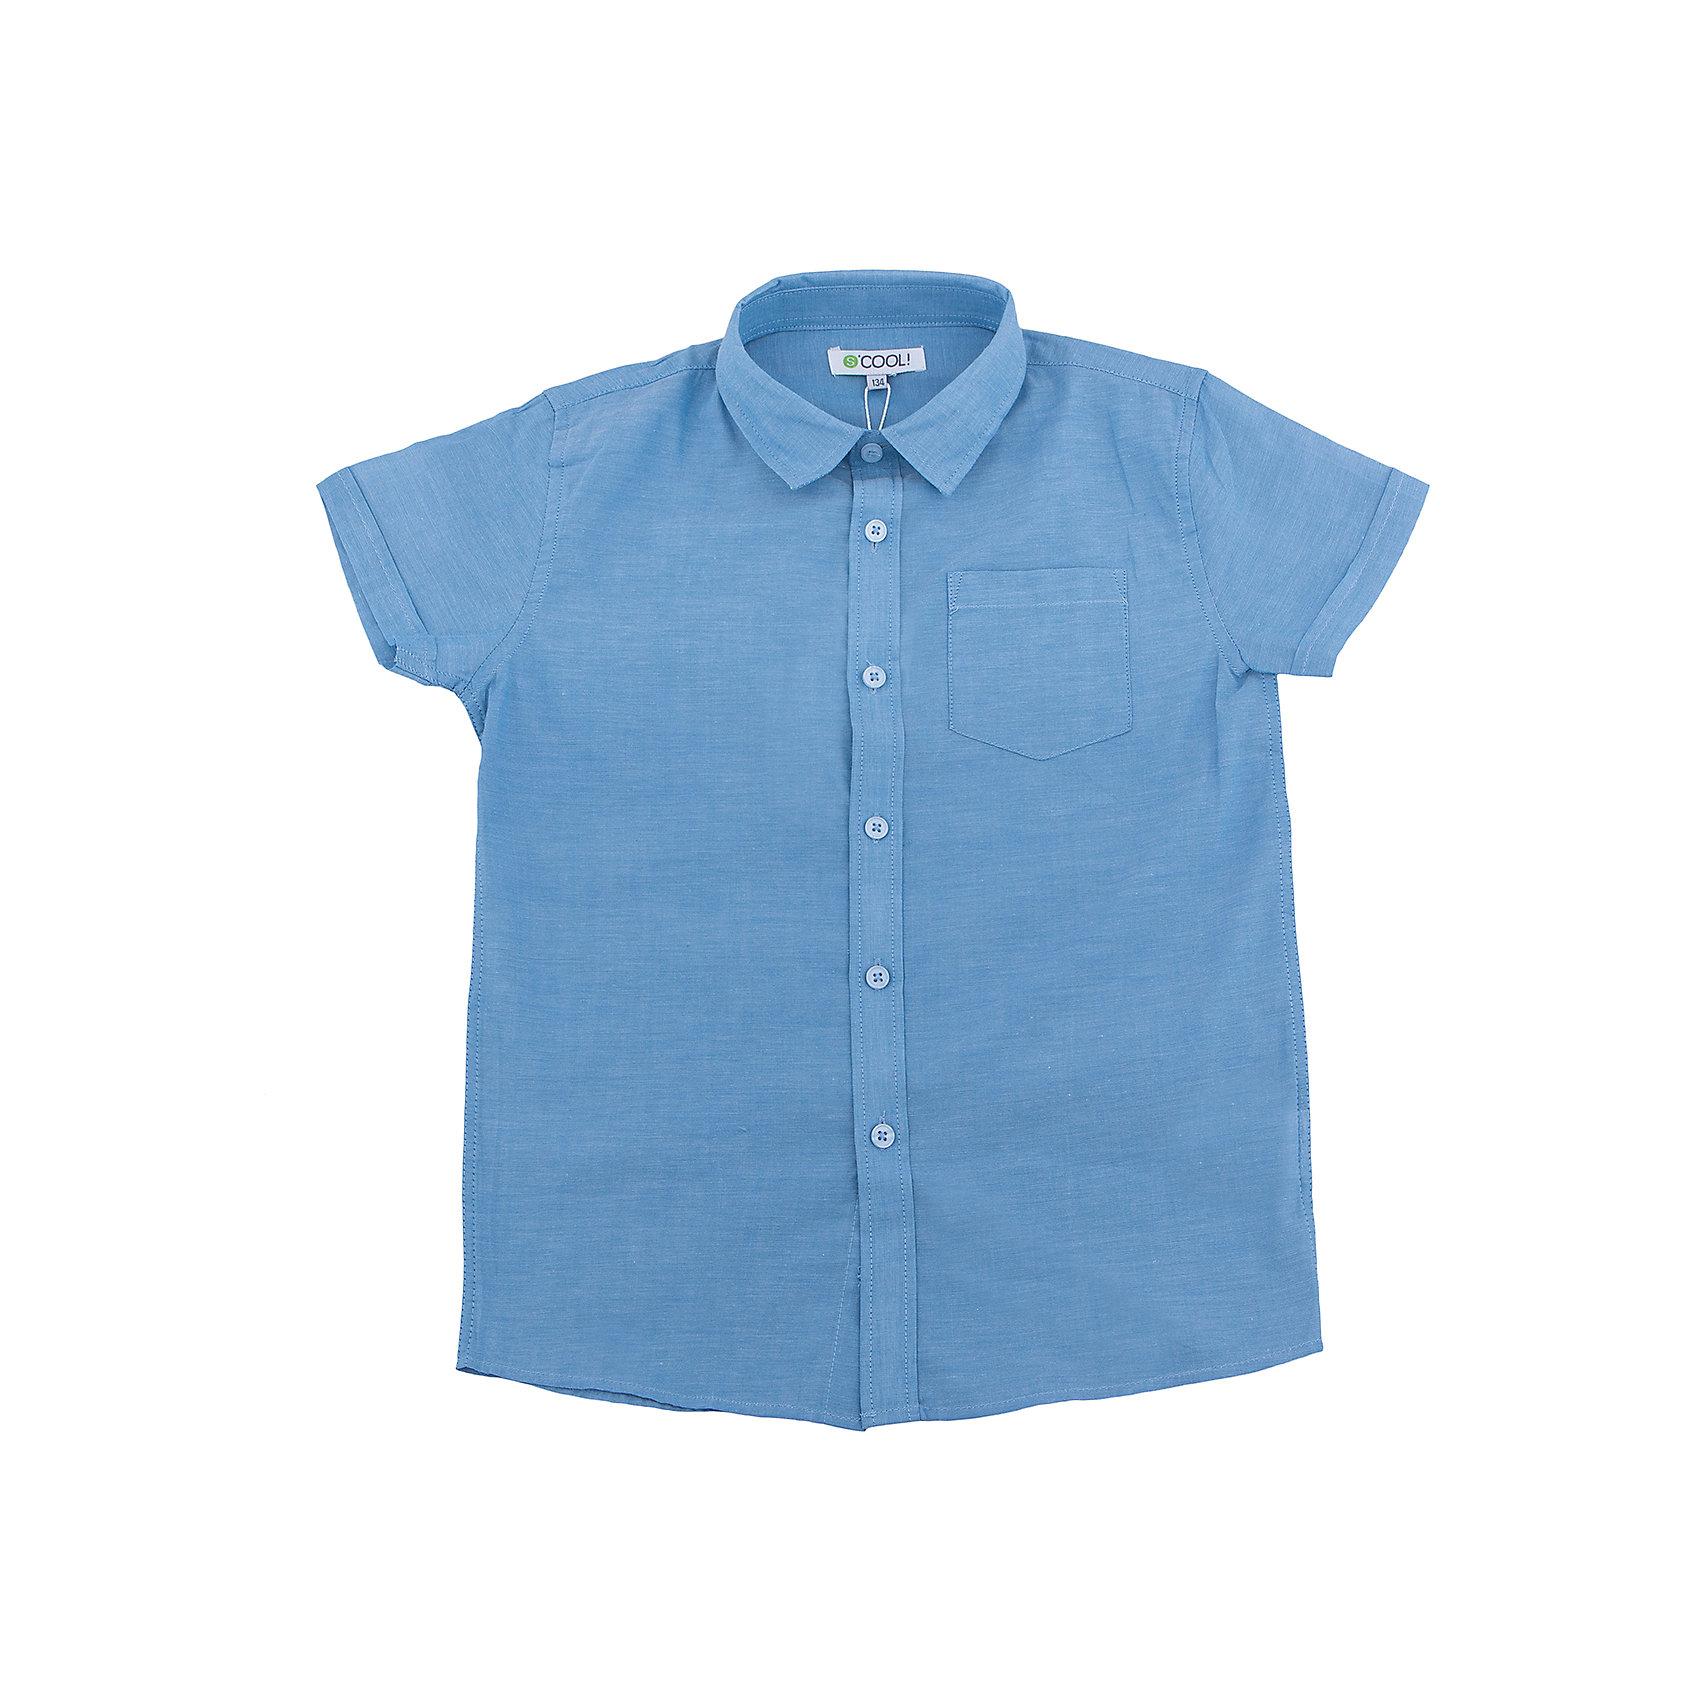 Рубашка для мальчика ScoolБлузки и рубашки<br>Эффектная  сорочка с коротким рукавом сможет быть одной из базовых вещей детского гардероба.  Практичная и очень удобная для повседневной носки. Ткань мягкая и приятная на ощупь. Стиль отвечает всем последним тенденциям детской моды.  Рубашка с отложным воротничком и накладным карманом. Даже в самой активной игре Ваш ребенок будет всегда иметь аккуратный вид.Преимущества: Натуральная ткань не раздражает нежную кожу ребенкаОтложной воротник и накладной карман.<br>Состав:<br>100% хлопок<br><br>Ширина мм: 174<br>Глубина мм: 10<br>Высота мм: 169<br>Вес г: 157<br>Цвет: голубой<br>Возраст от месяцев: 120<br>Возраст до месяцев: 132<br>Пол: Мужской<br>Возраст: Детский<br>Размер: 146,134,158,152,164,140<br>SKU: 5604360